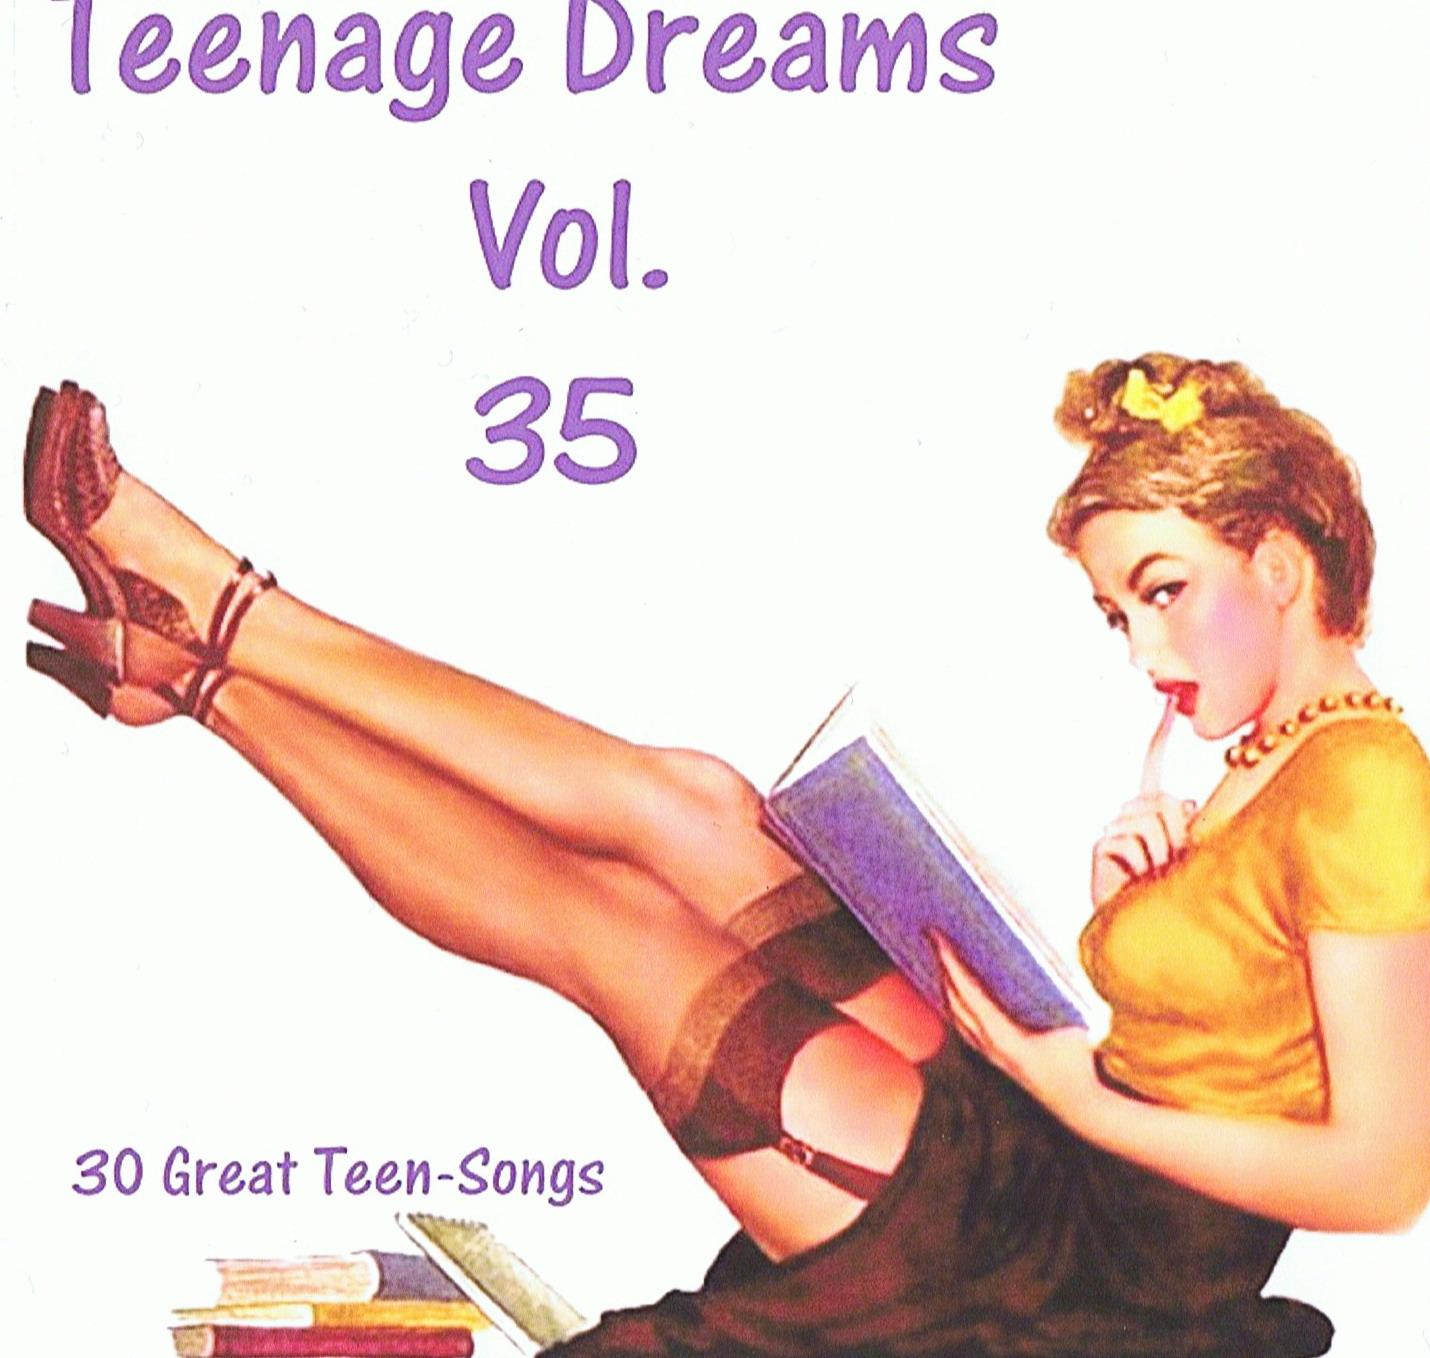 Teen Dreams Galleries - Sensual Girls